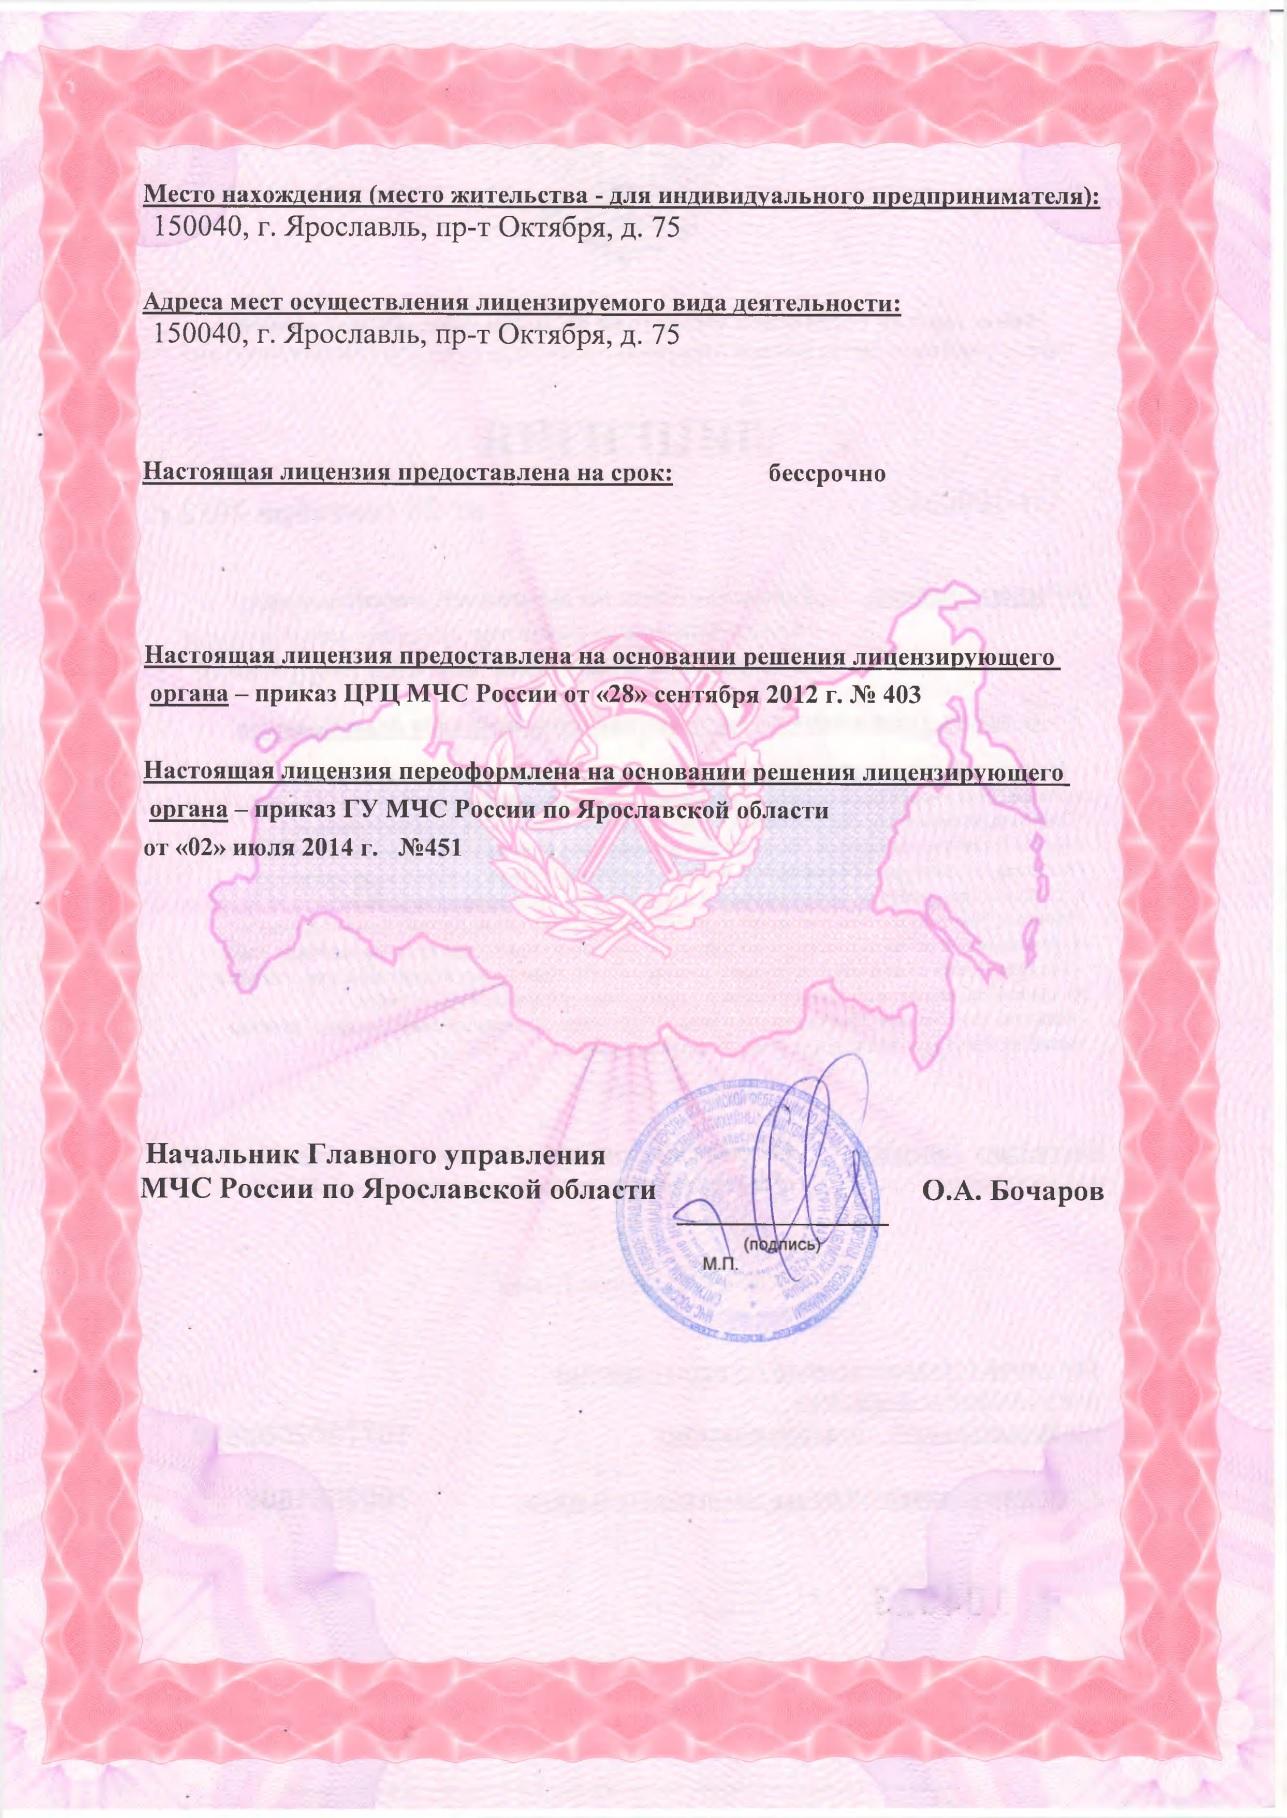 Лицензия на осуществление деятельности по монтажу, теническому обслуживанию и ремонту средств обеспечения пожарной безопасности зданий и сооружений